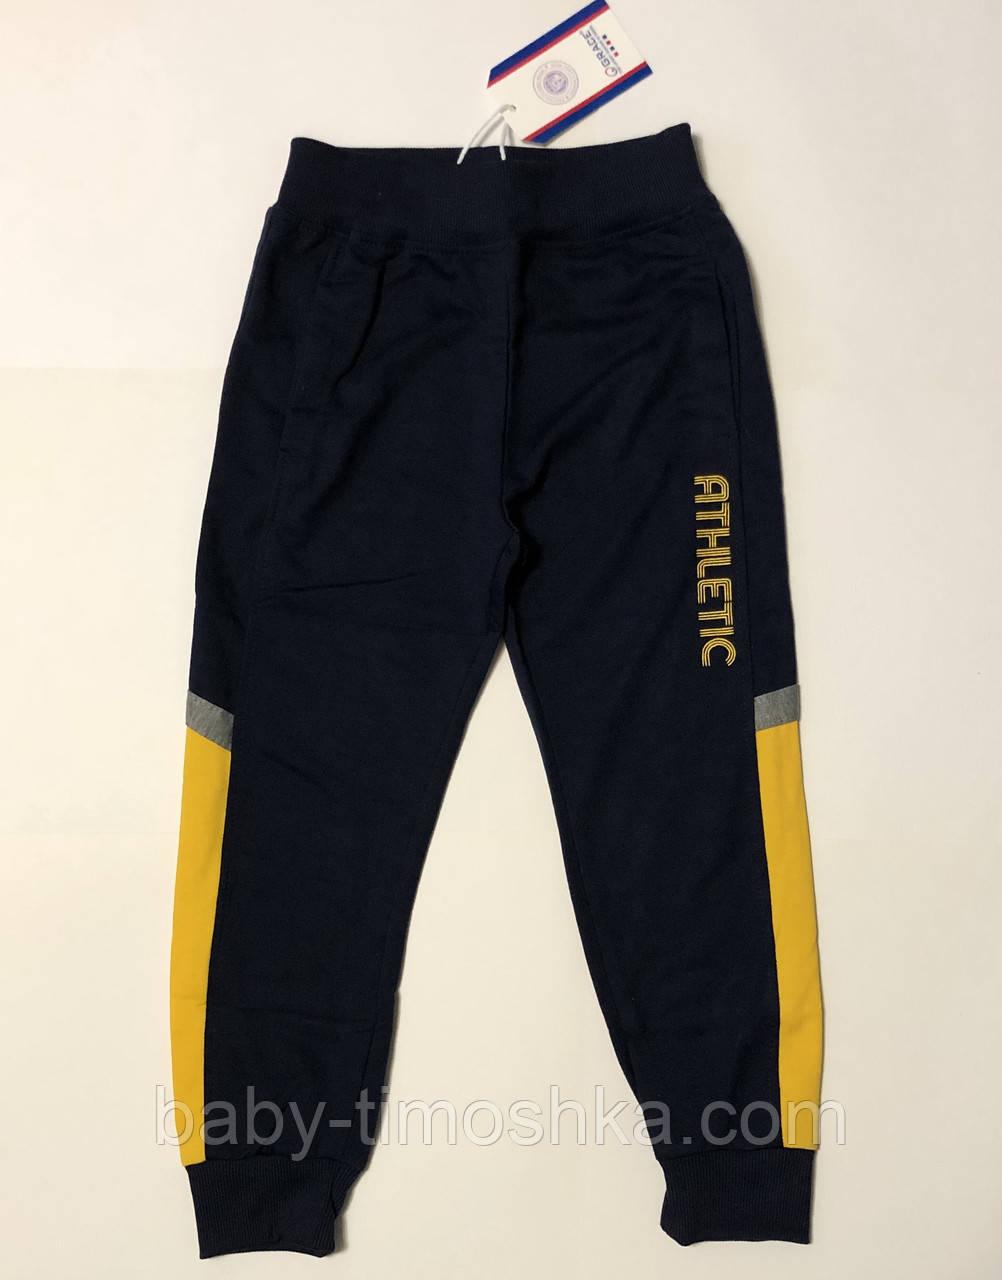 Спортивные штаны для мальчиков 116-146